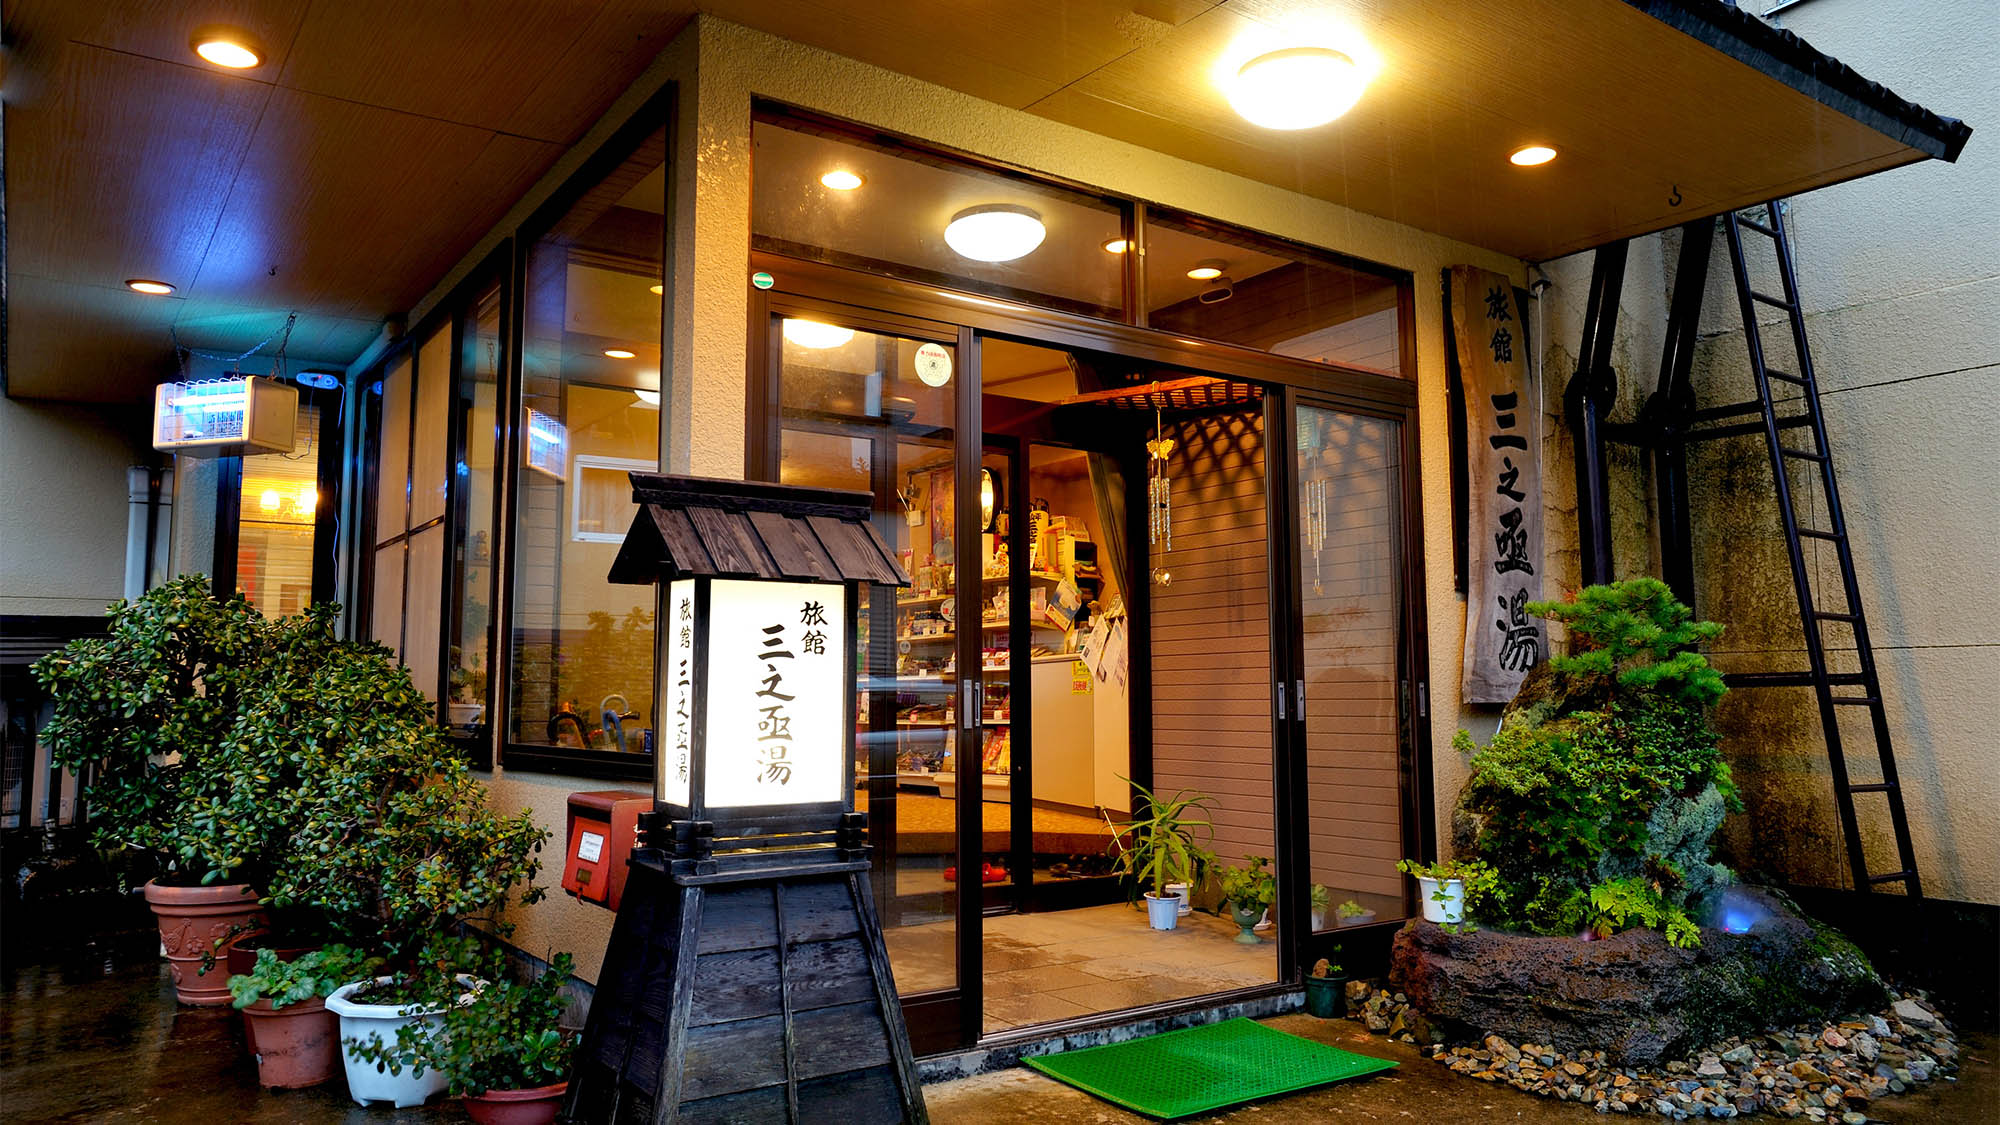 鳴子・中山平温泉 旅館 三之亟湯(さんのじょうゆ)